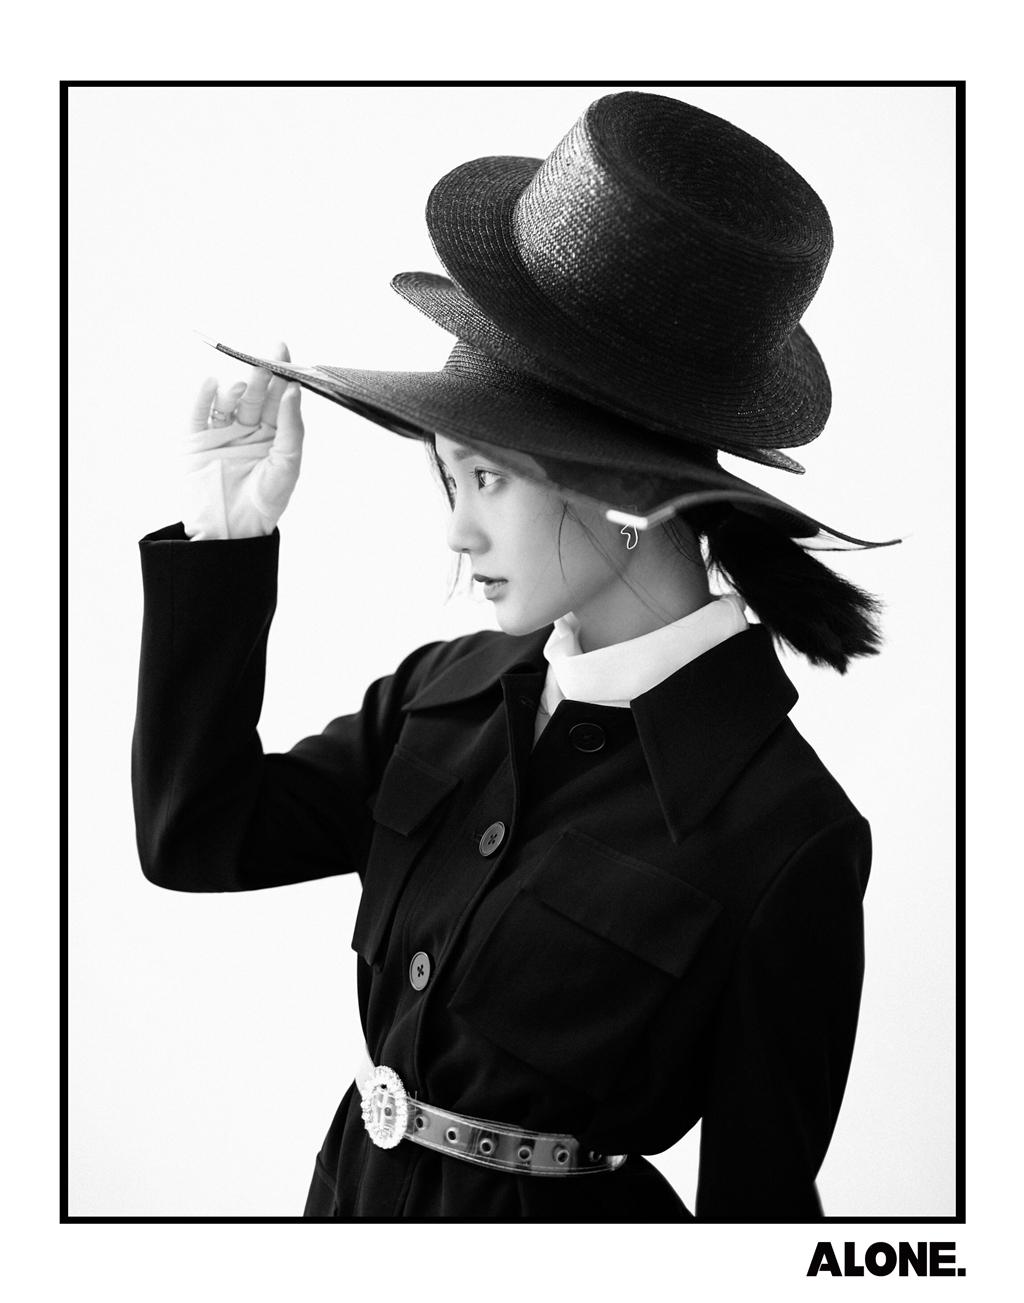 李一桐杂志封面大片 视觉冲击演绎复古时尚